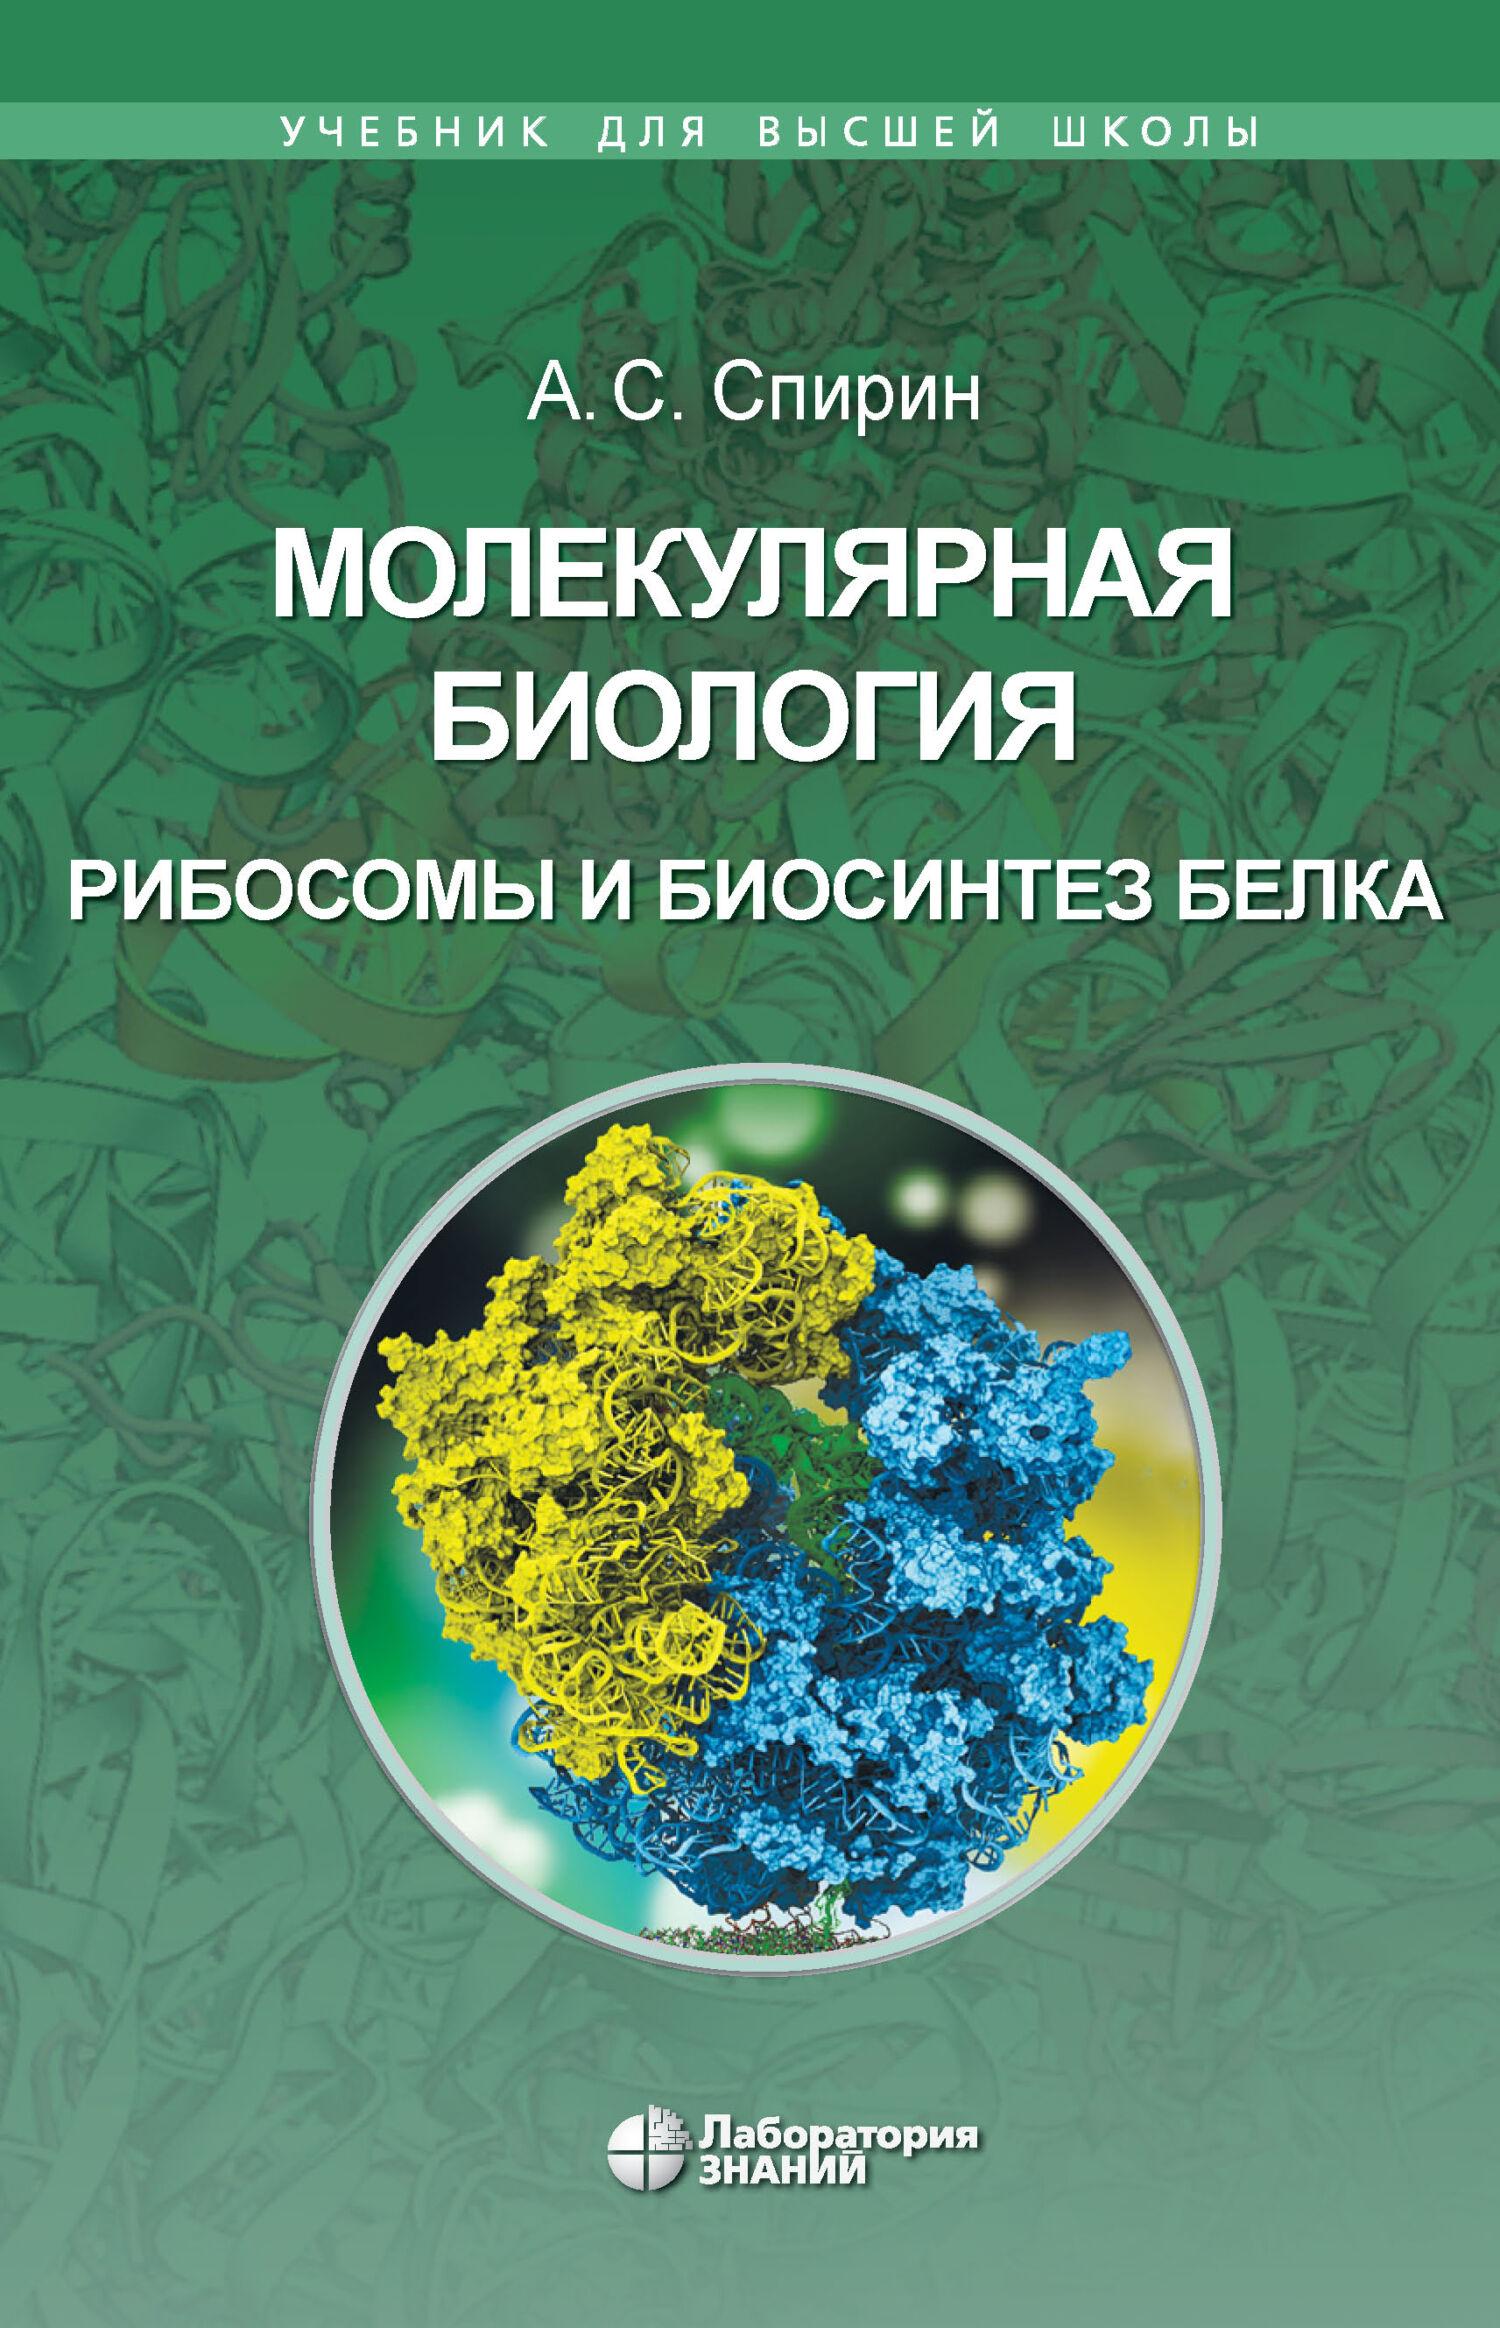 цена на А. С. Спирин Молекулярная биология. Рибосомы и биосинтез белка